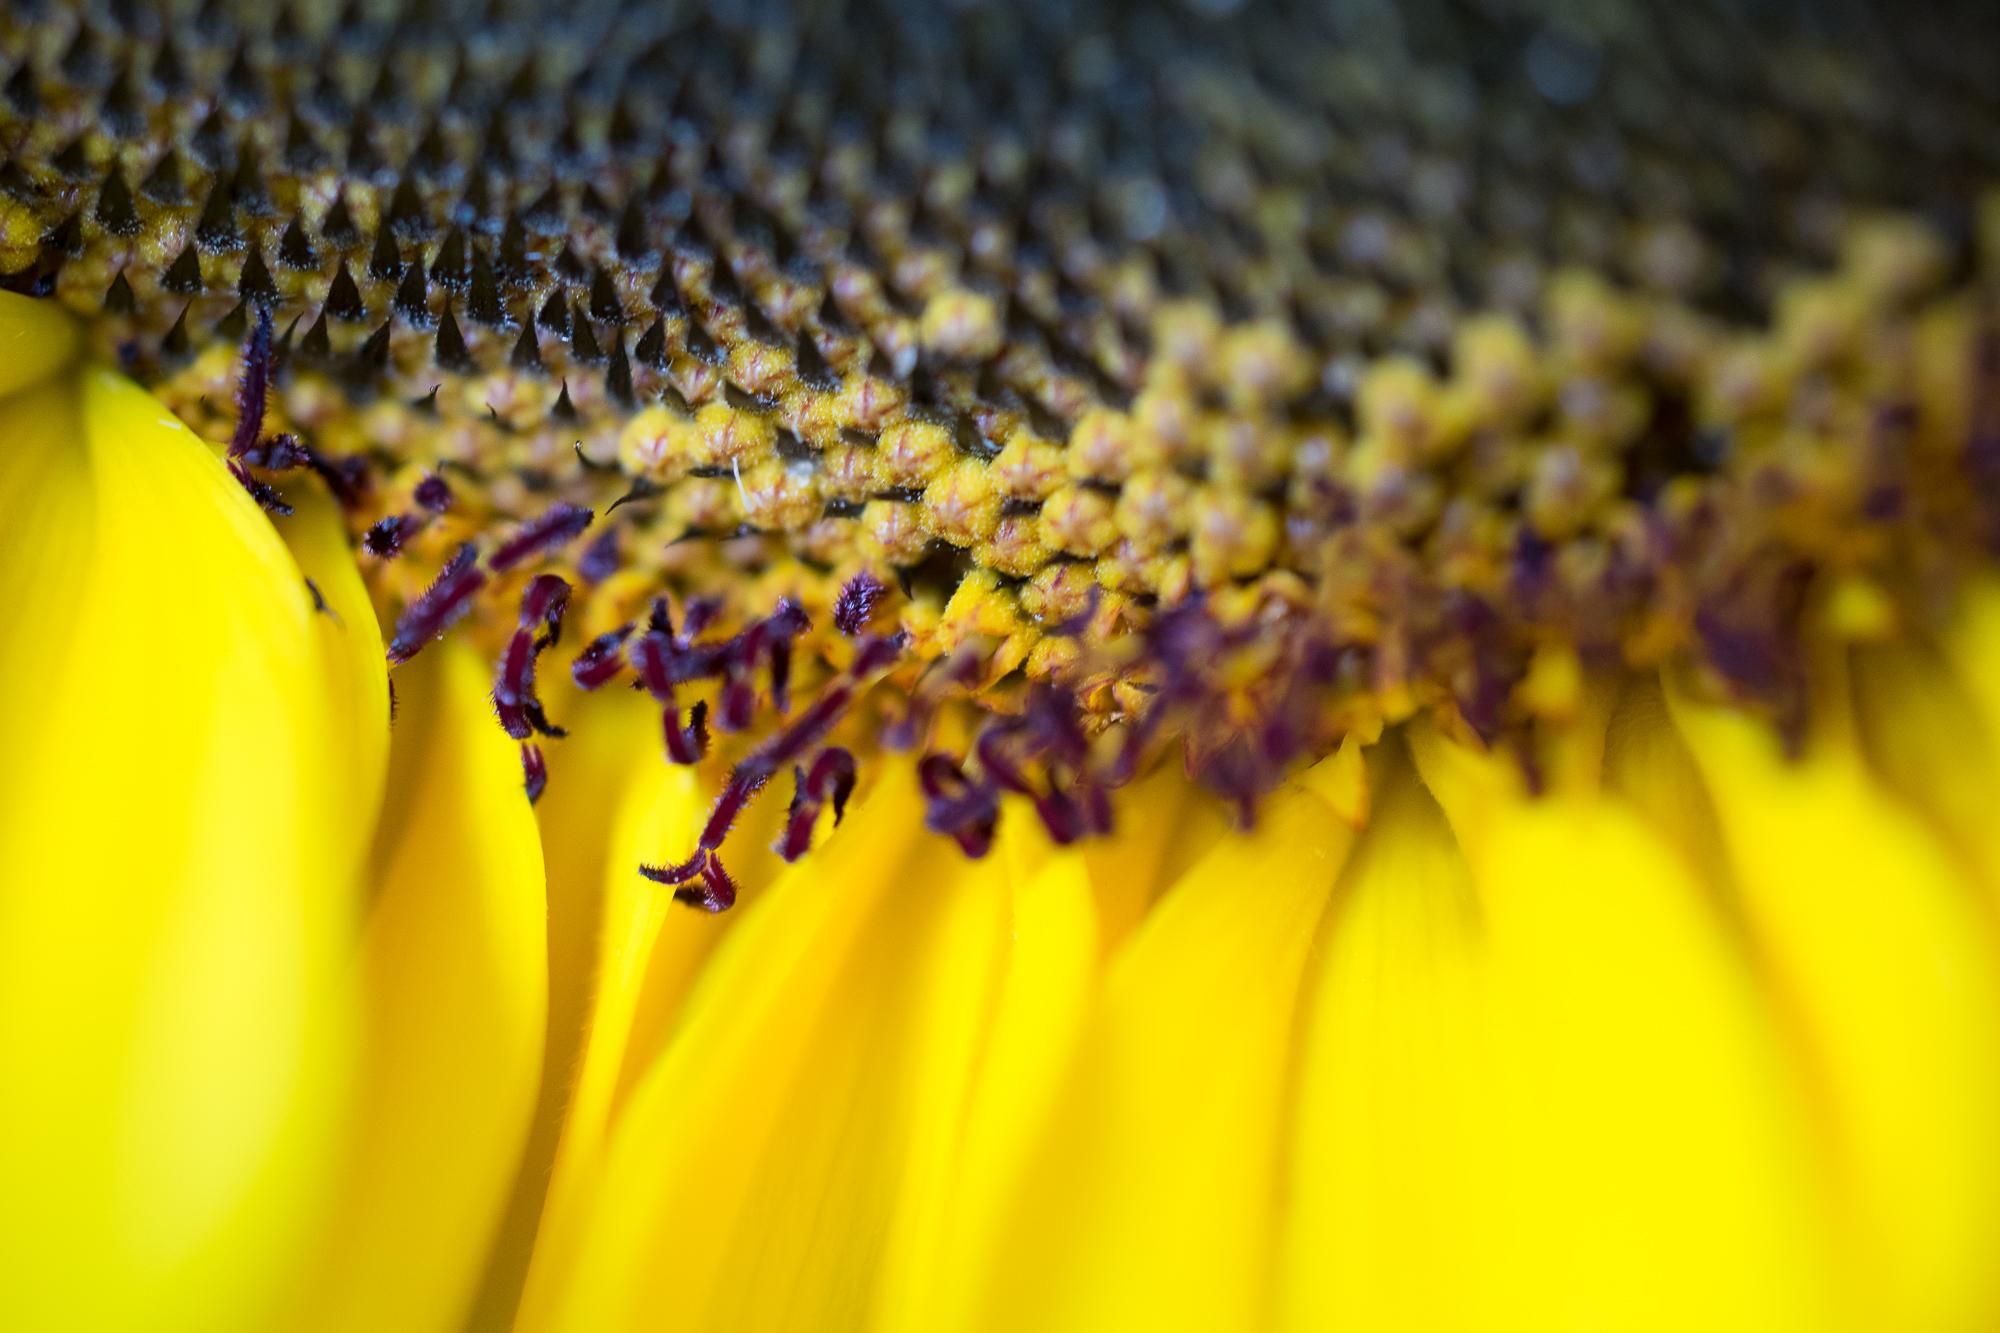 Julie Powell_Sunflowers-16.jpg